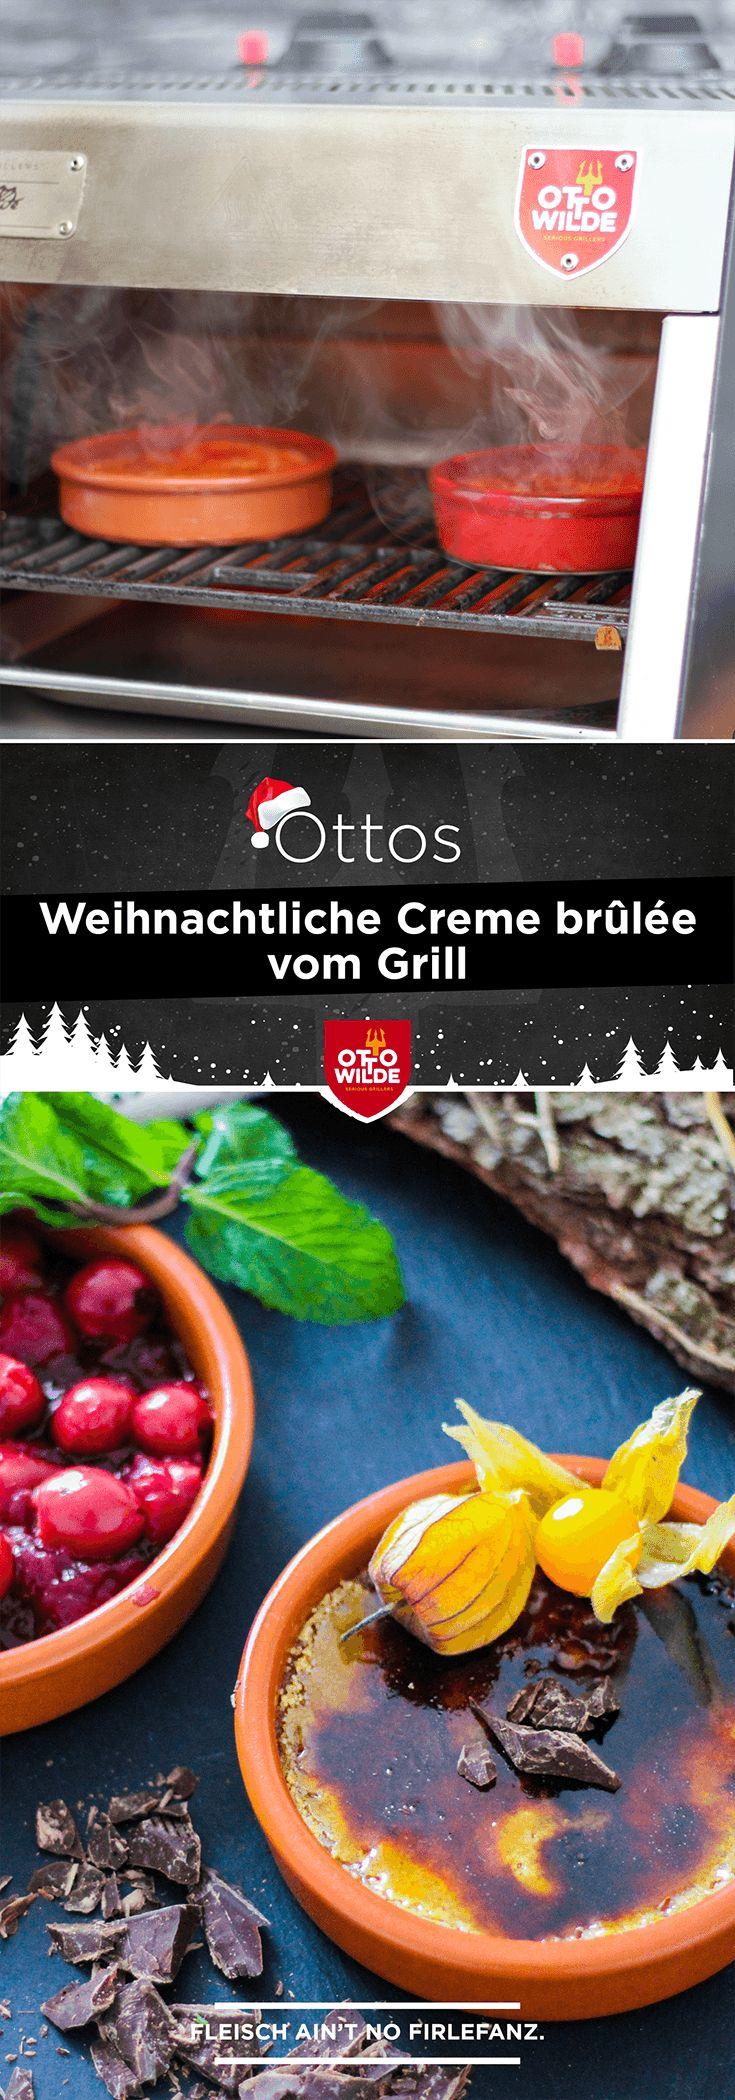 Nachtisch vom Grill: Otto hat für Dich eine weihnachtliche Crème brûlée gezaubert. Eine Schoko-Lebkuchen Masse wird auf dem O.F.B. karamellisiert und macht Dich zum Star des Heiligabends